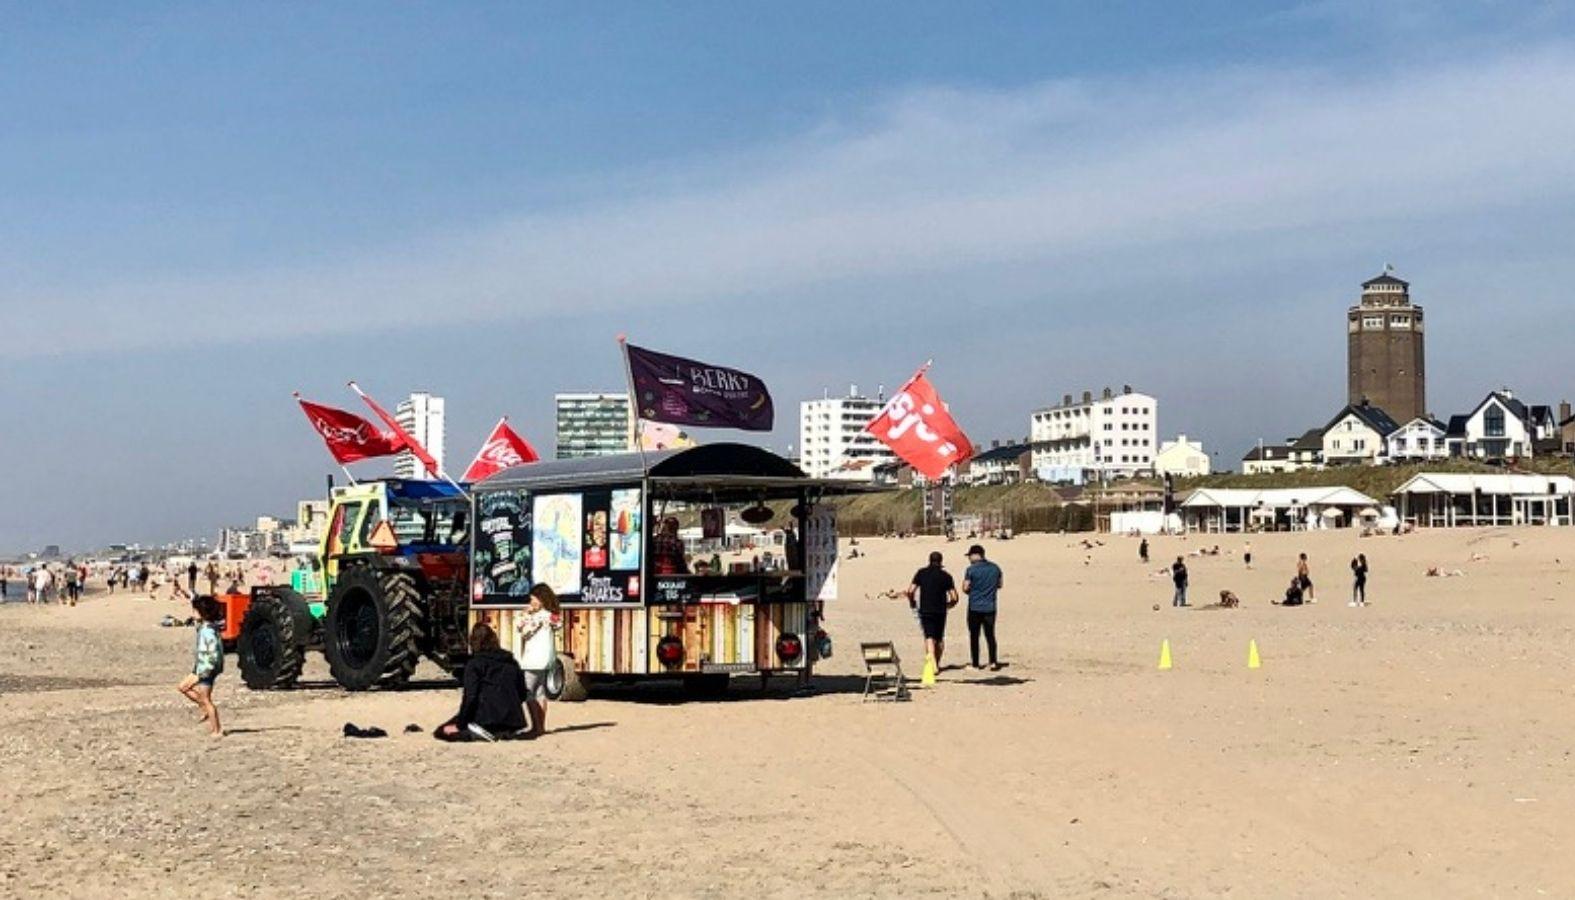 strand_zandvoort